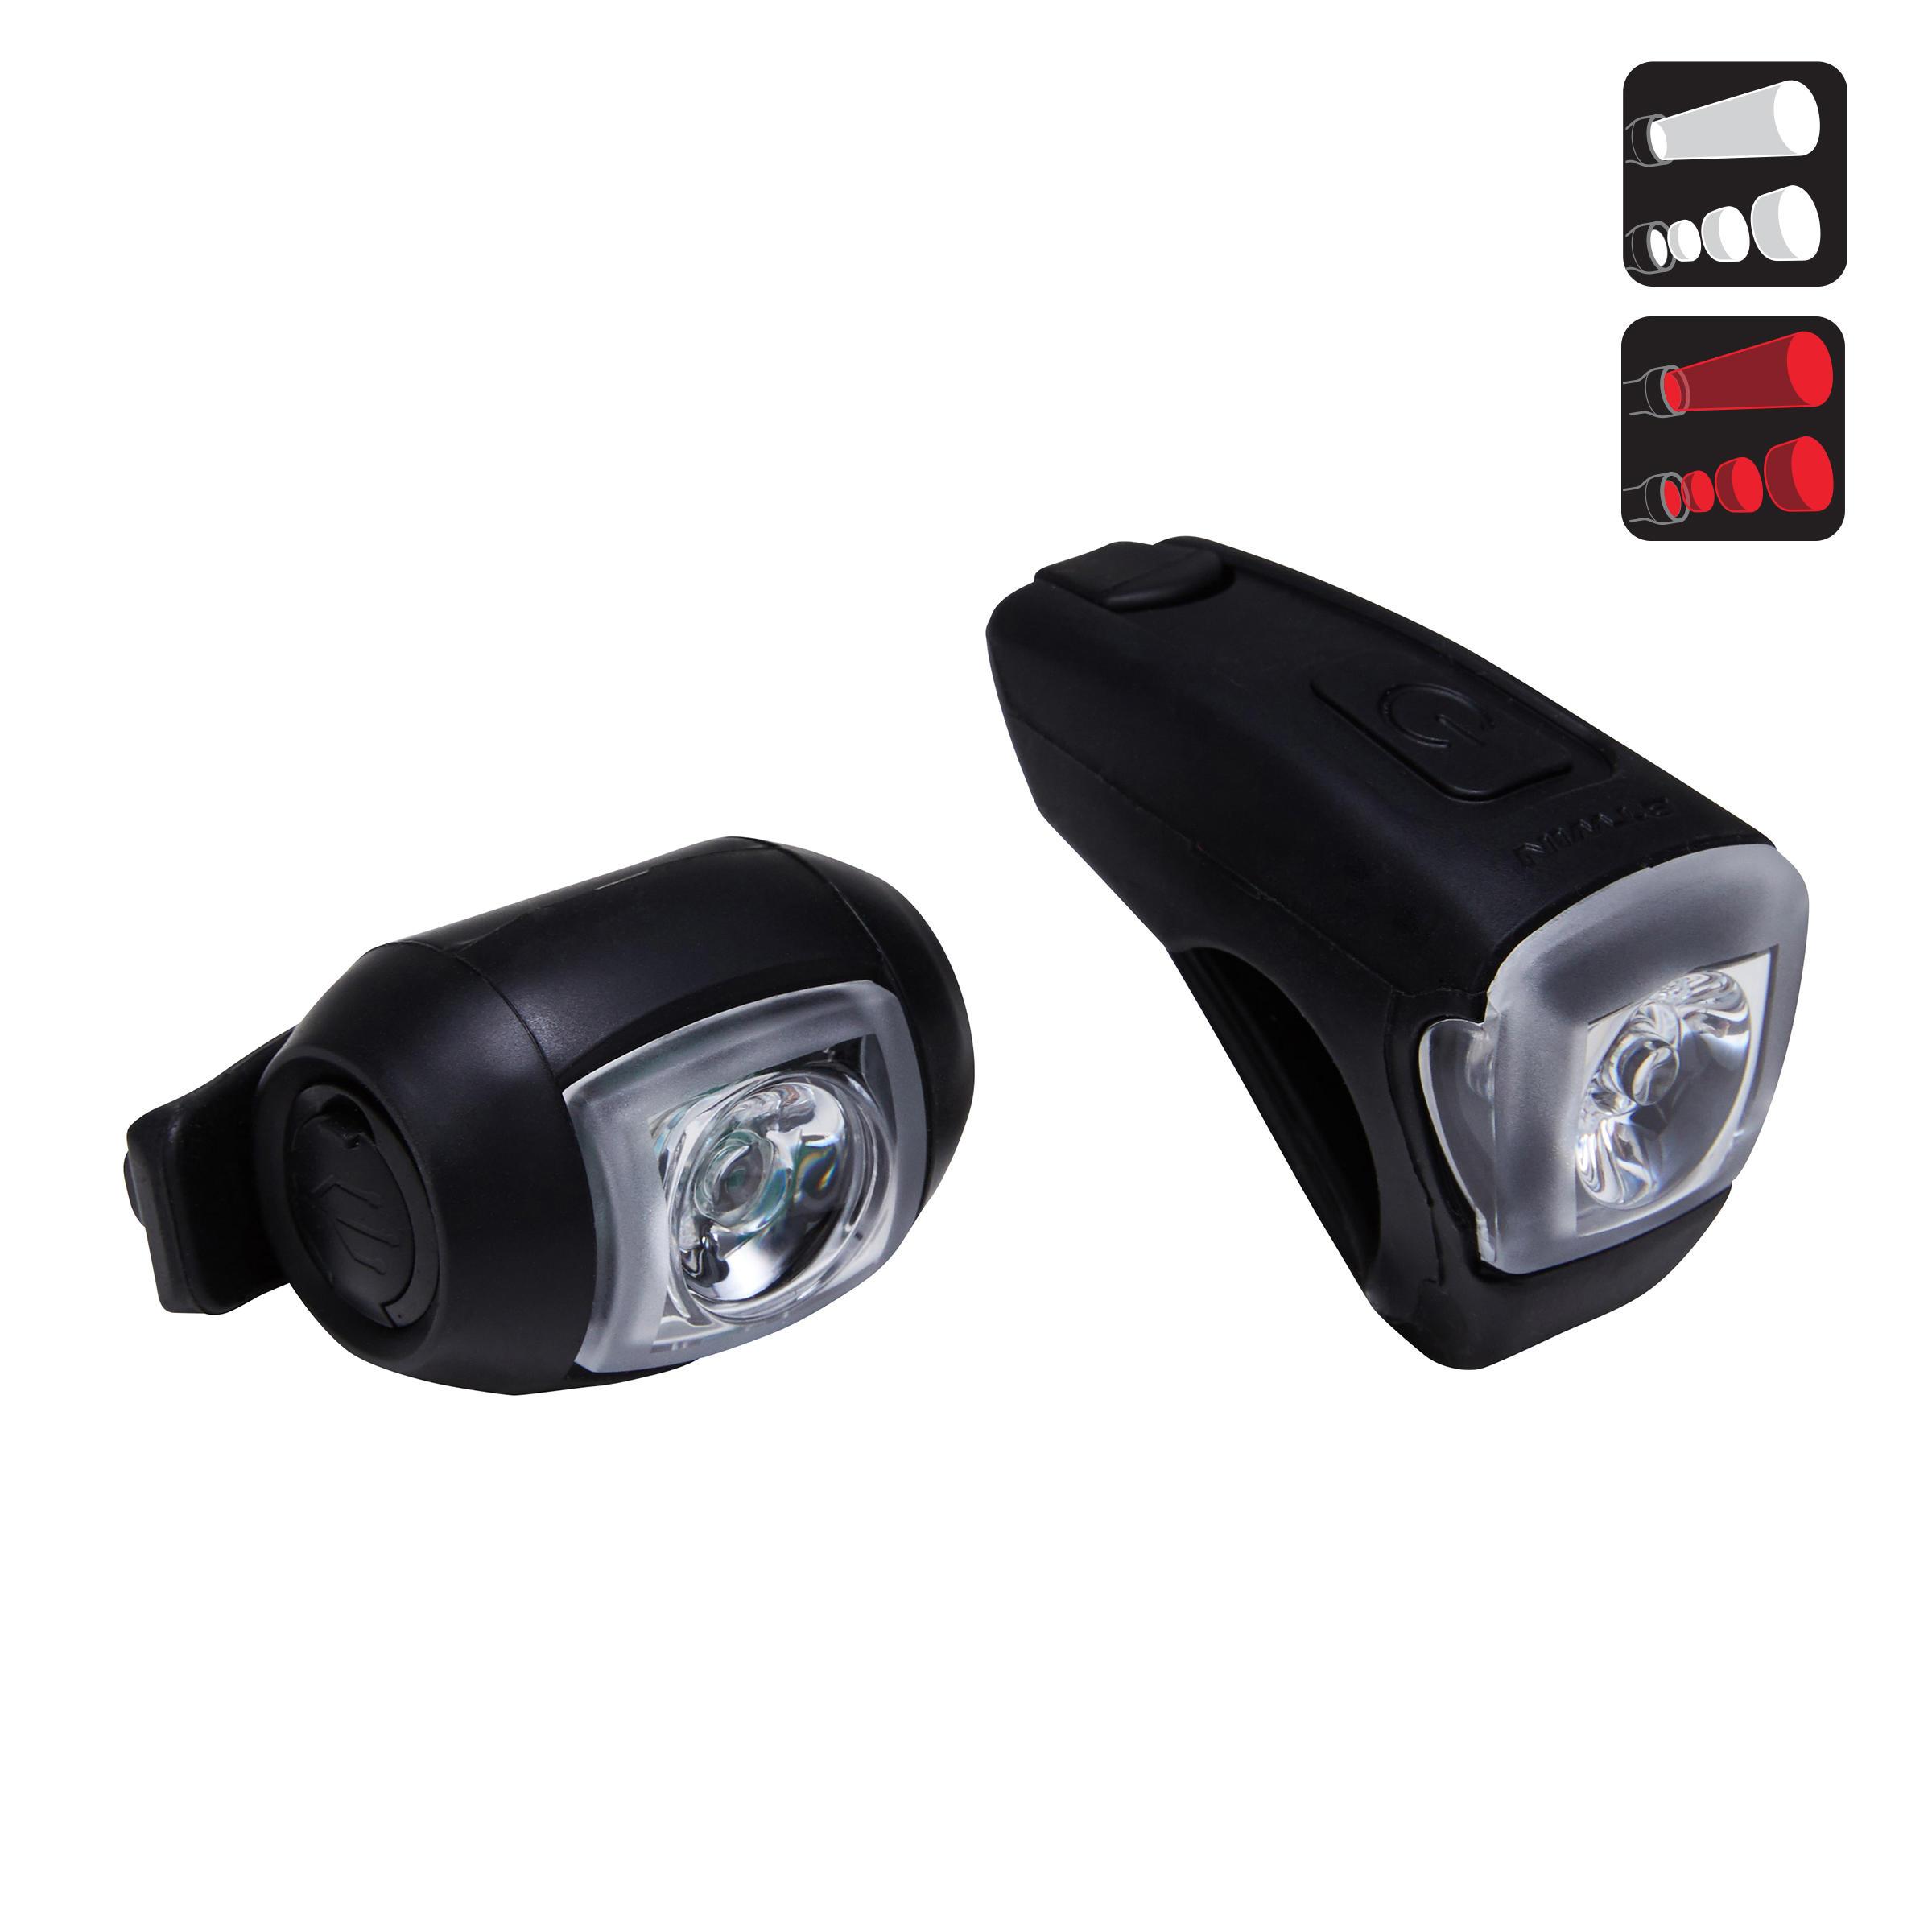 Vioo 300 USB Bike LED Light Set - Black